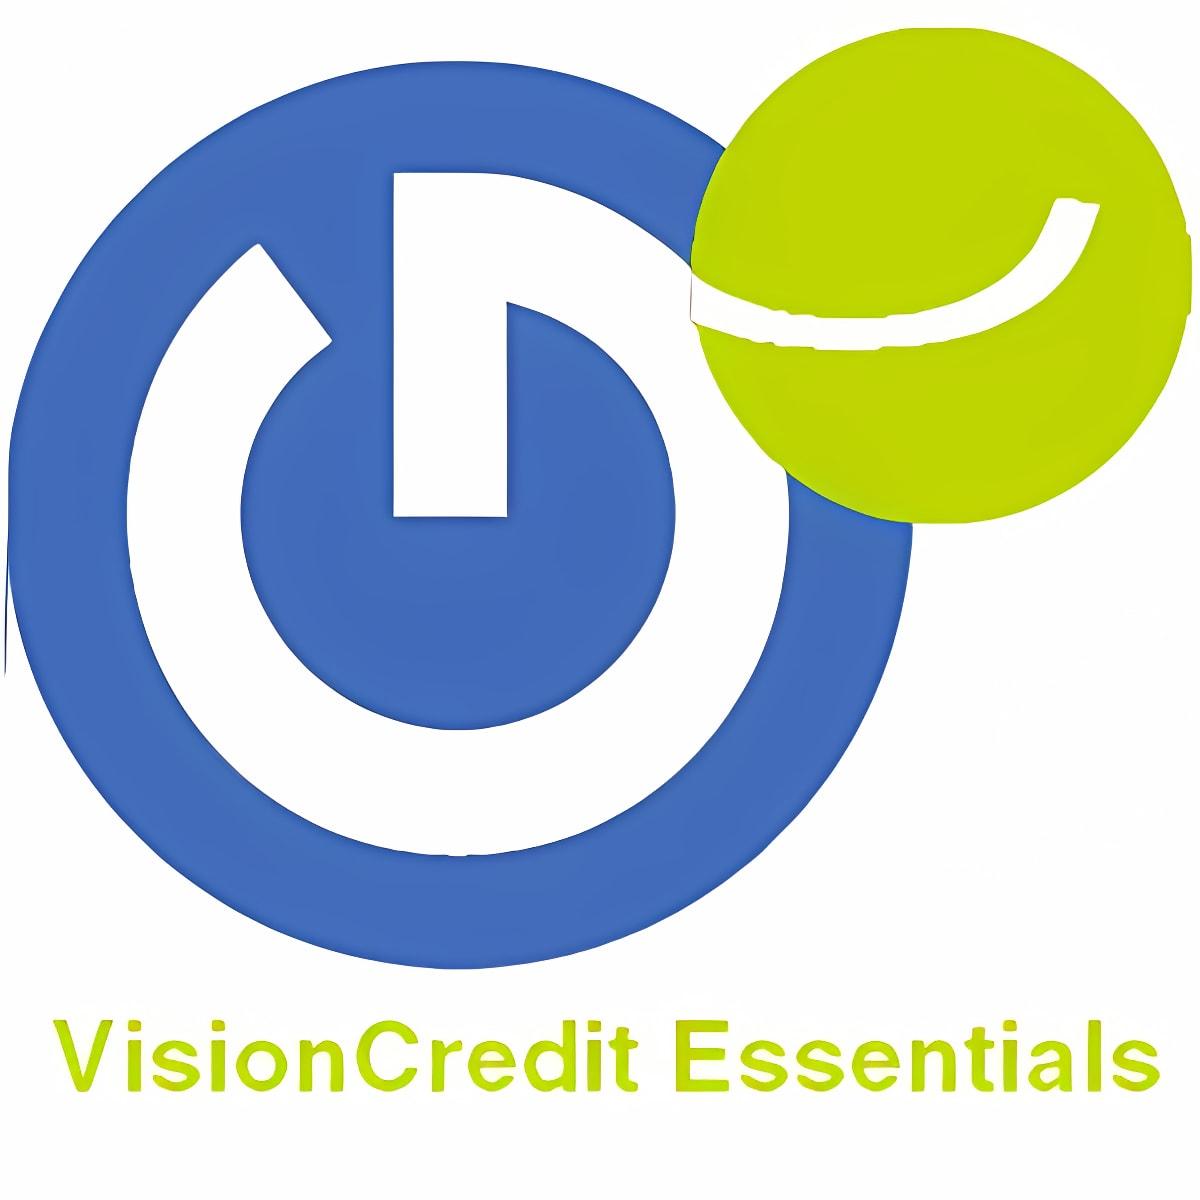 VisionCredit Essentials - Gregal Entidades Financieras 2012/10